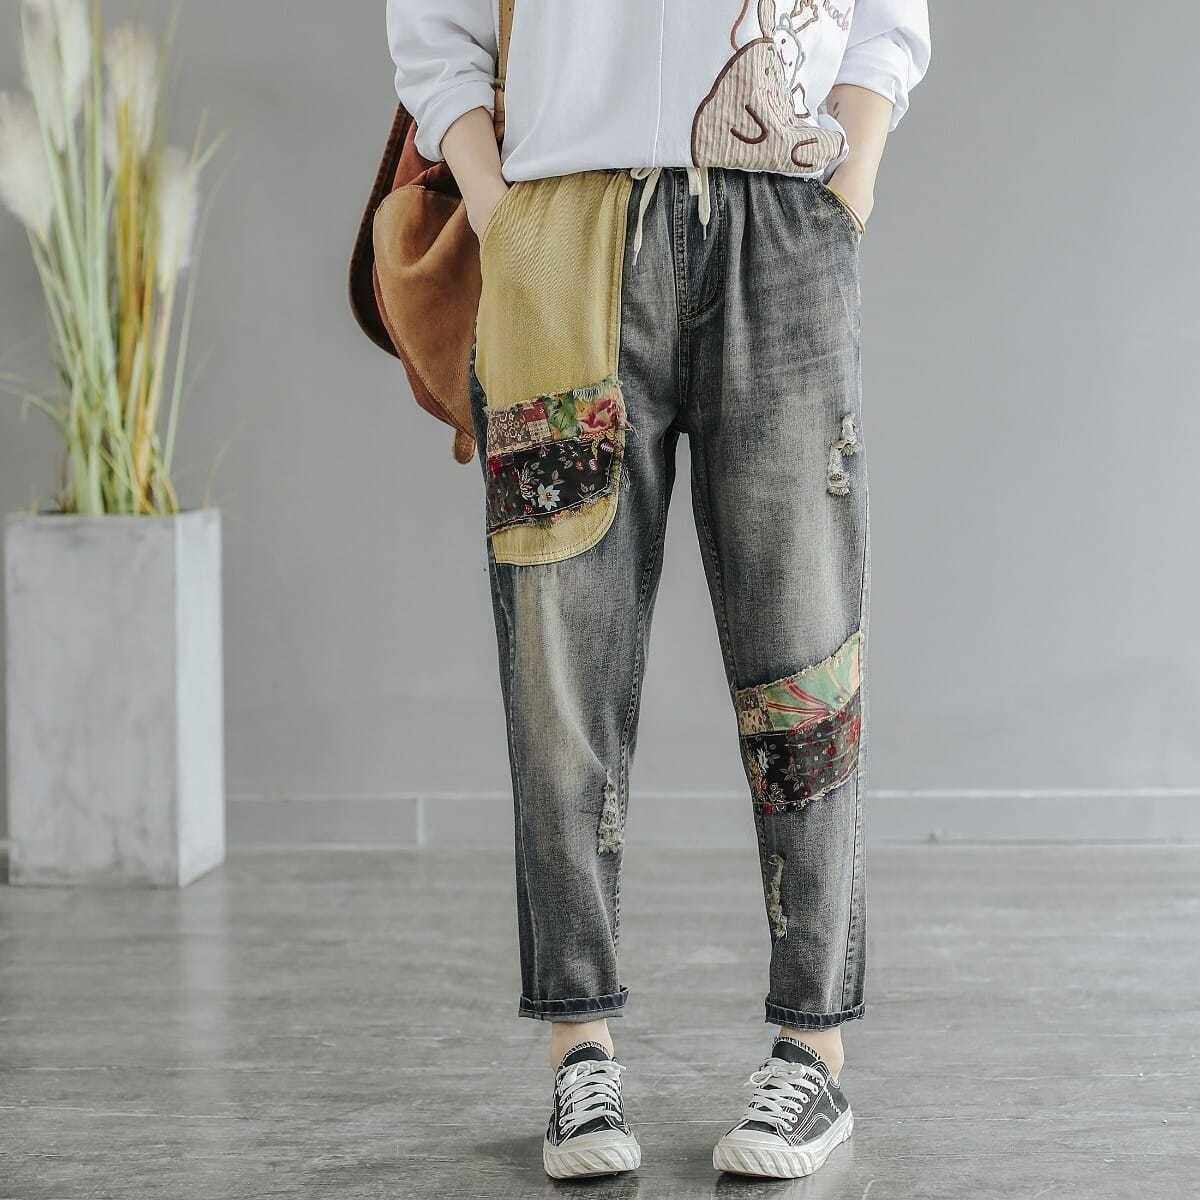 春季新款撞色贴布刺绣牛仔裤直筒裤女夏季宽松百搭松紧腰女裤子